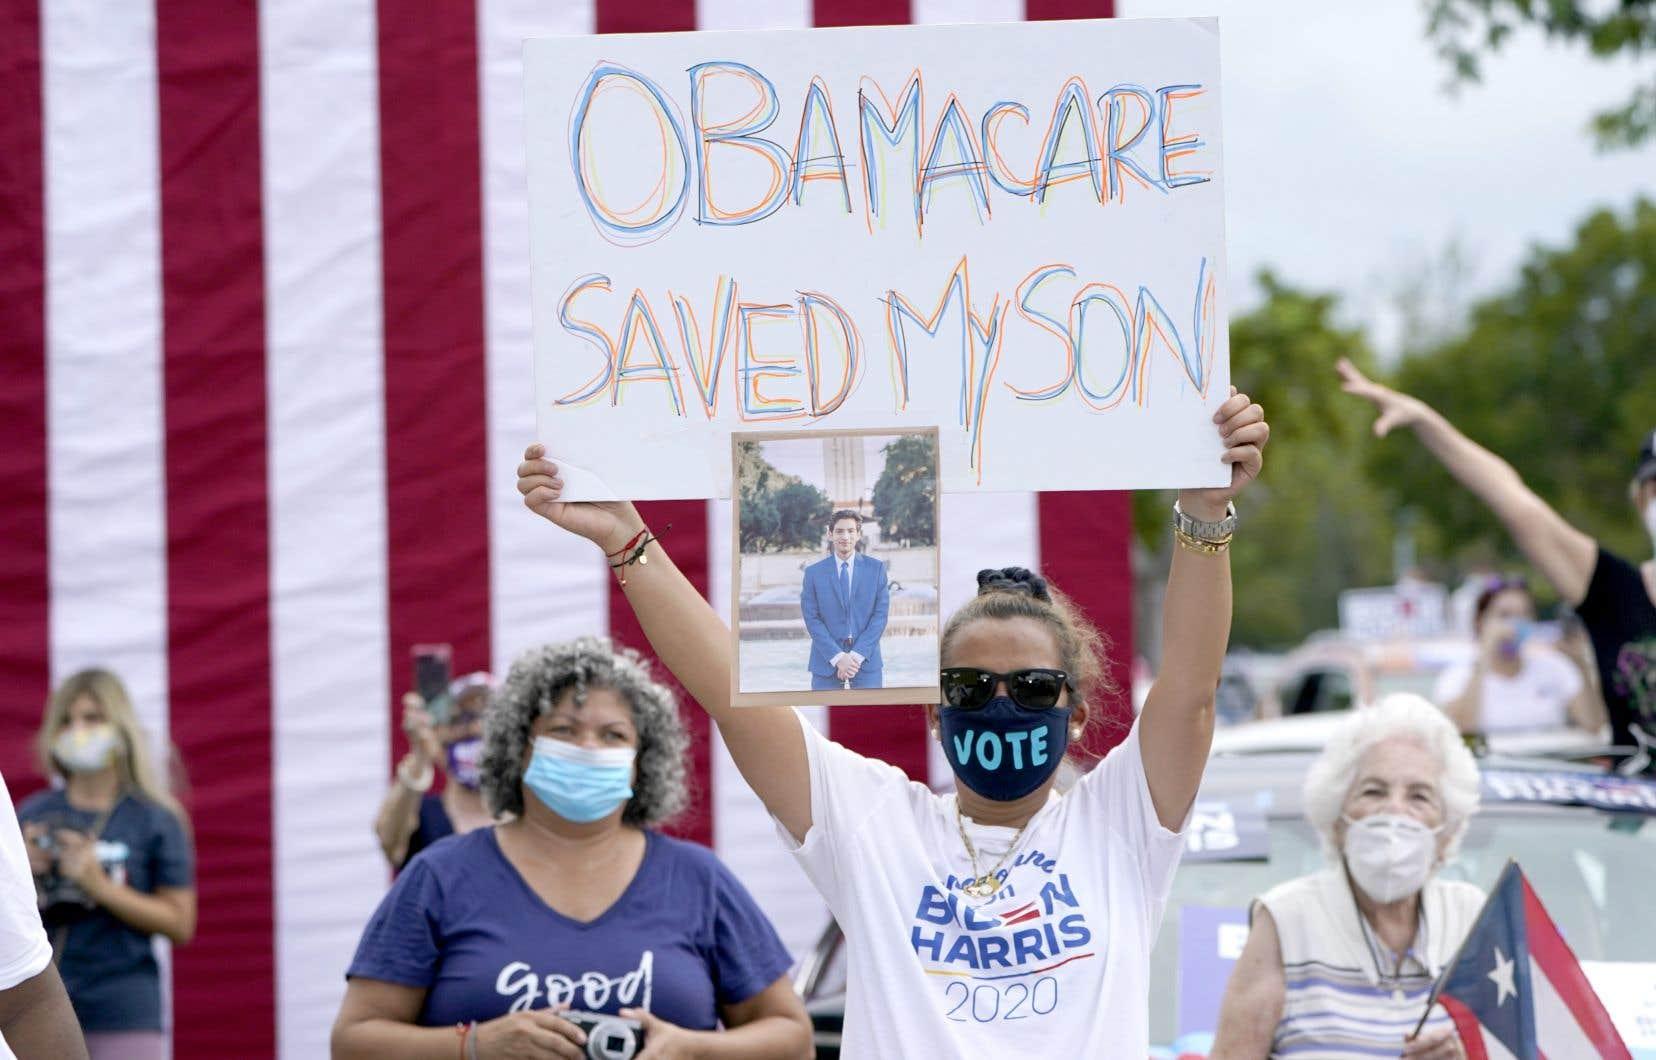 L'Obamacare a permis d'offrir une couverture médicale à des millions d'Américains qui n'en avaient pas jusque-là et de protéger des millions de malades chroniques.